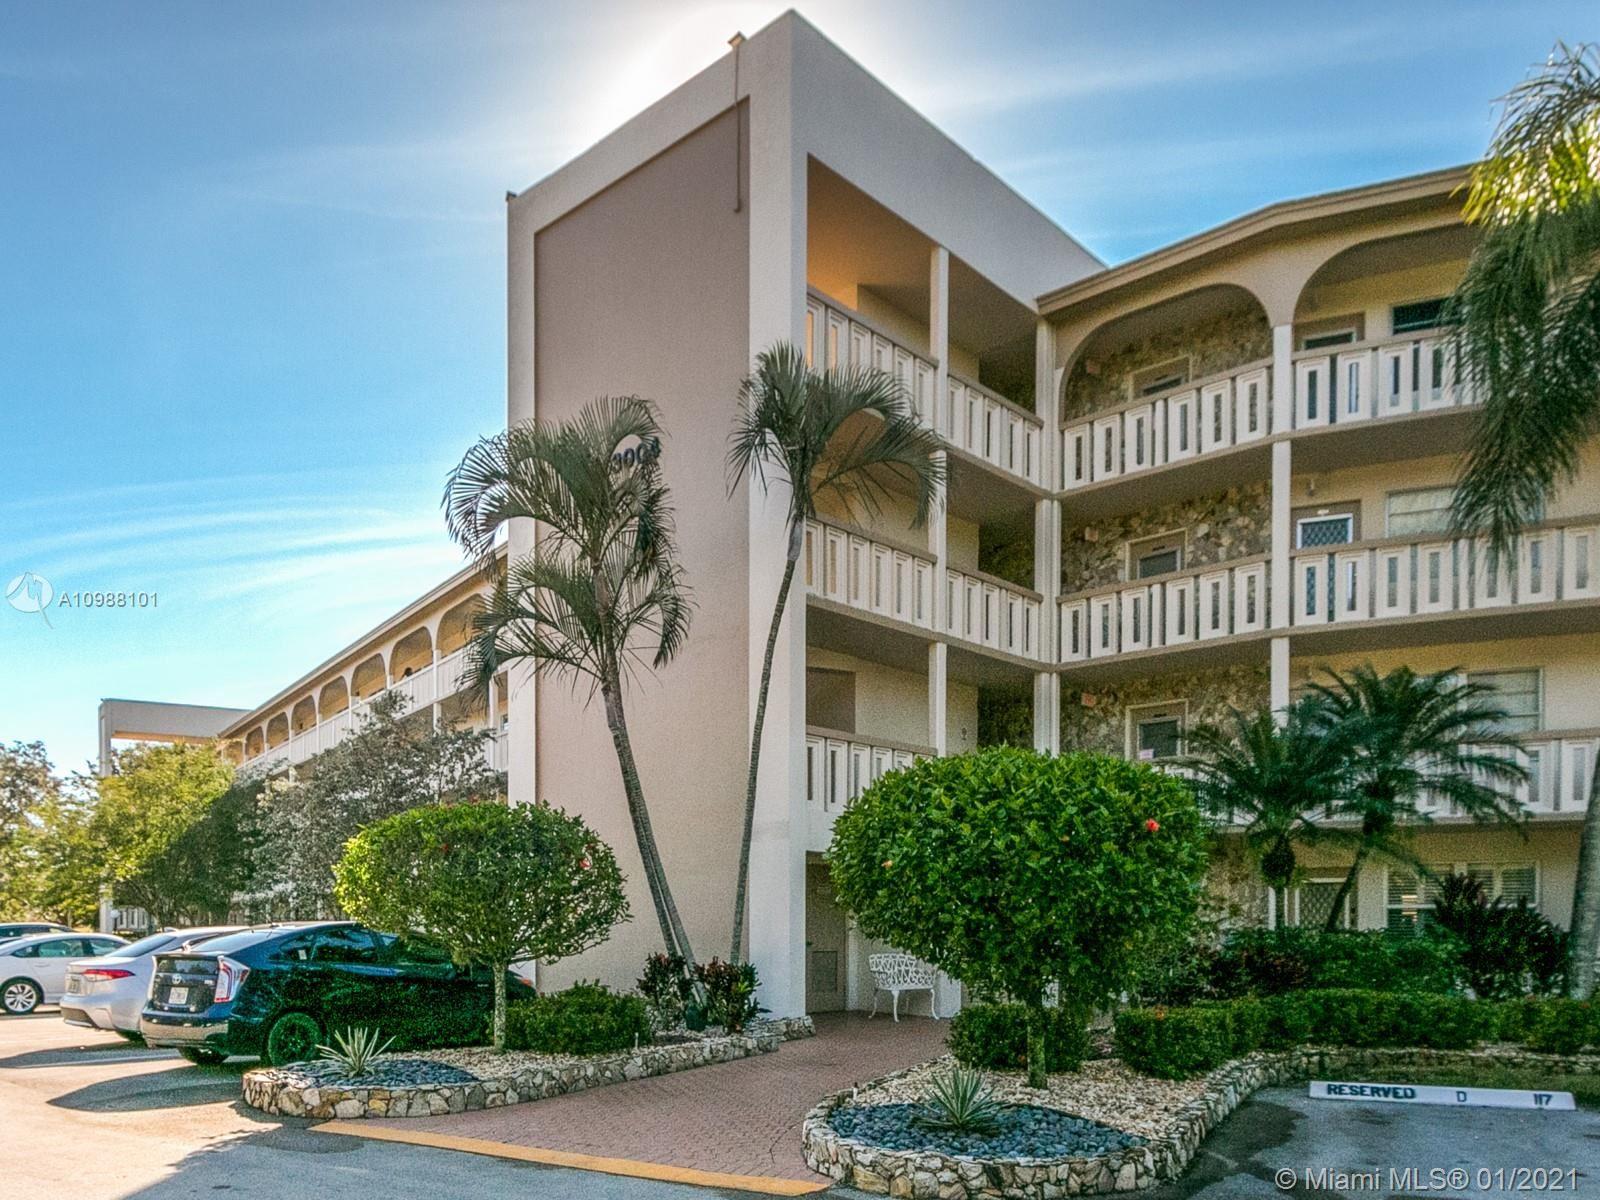 3004 Portofino Isle #H3, Coconut Creek, FL 33066 - #: A10988101